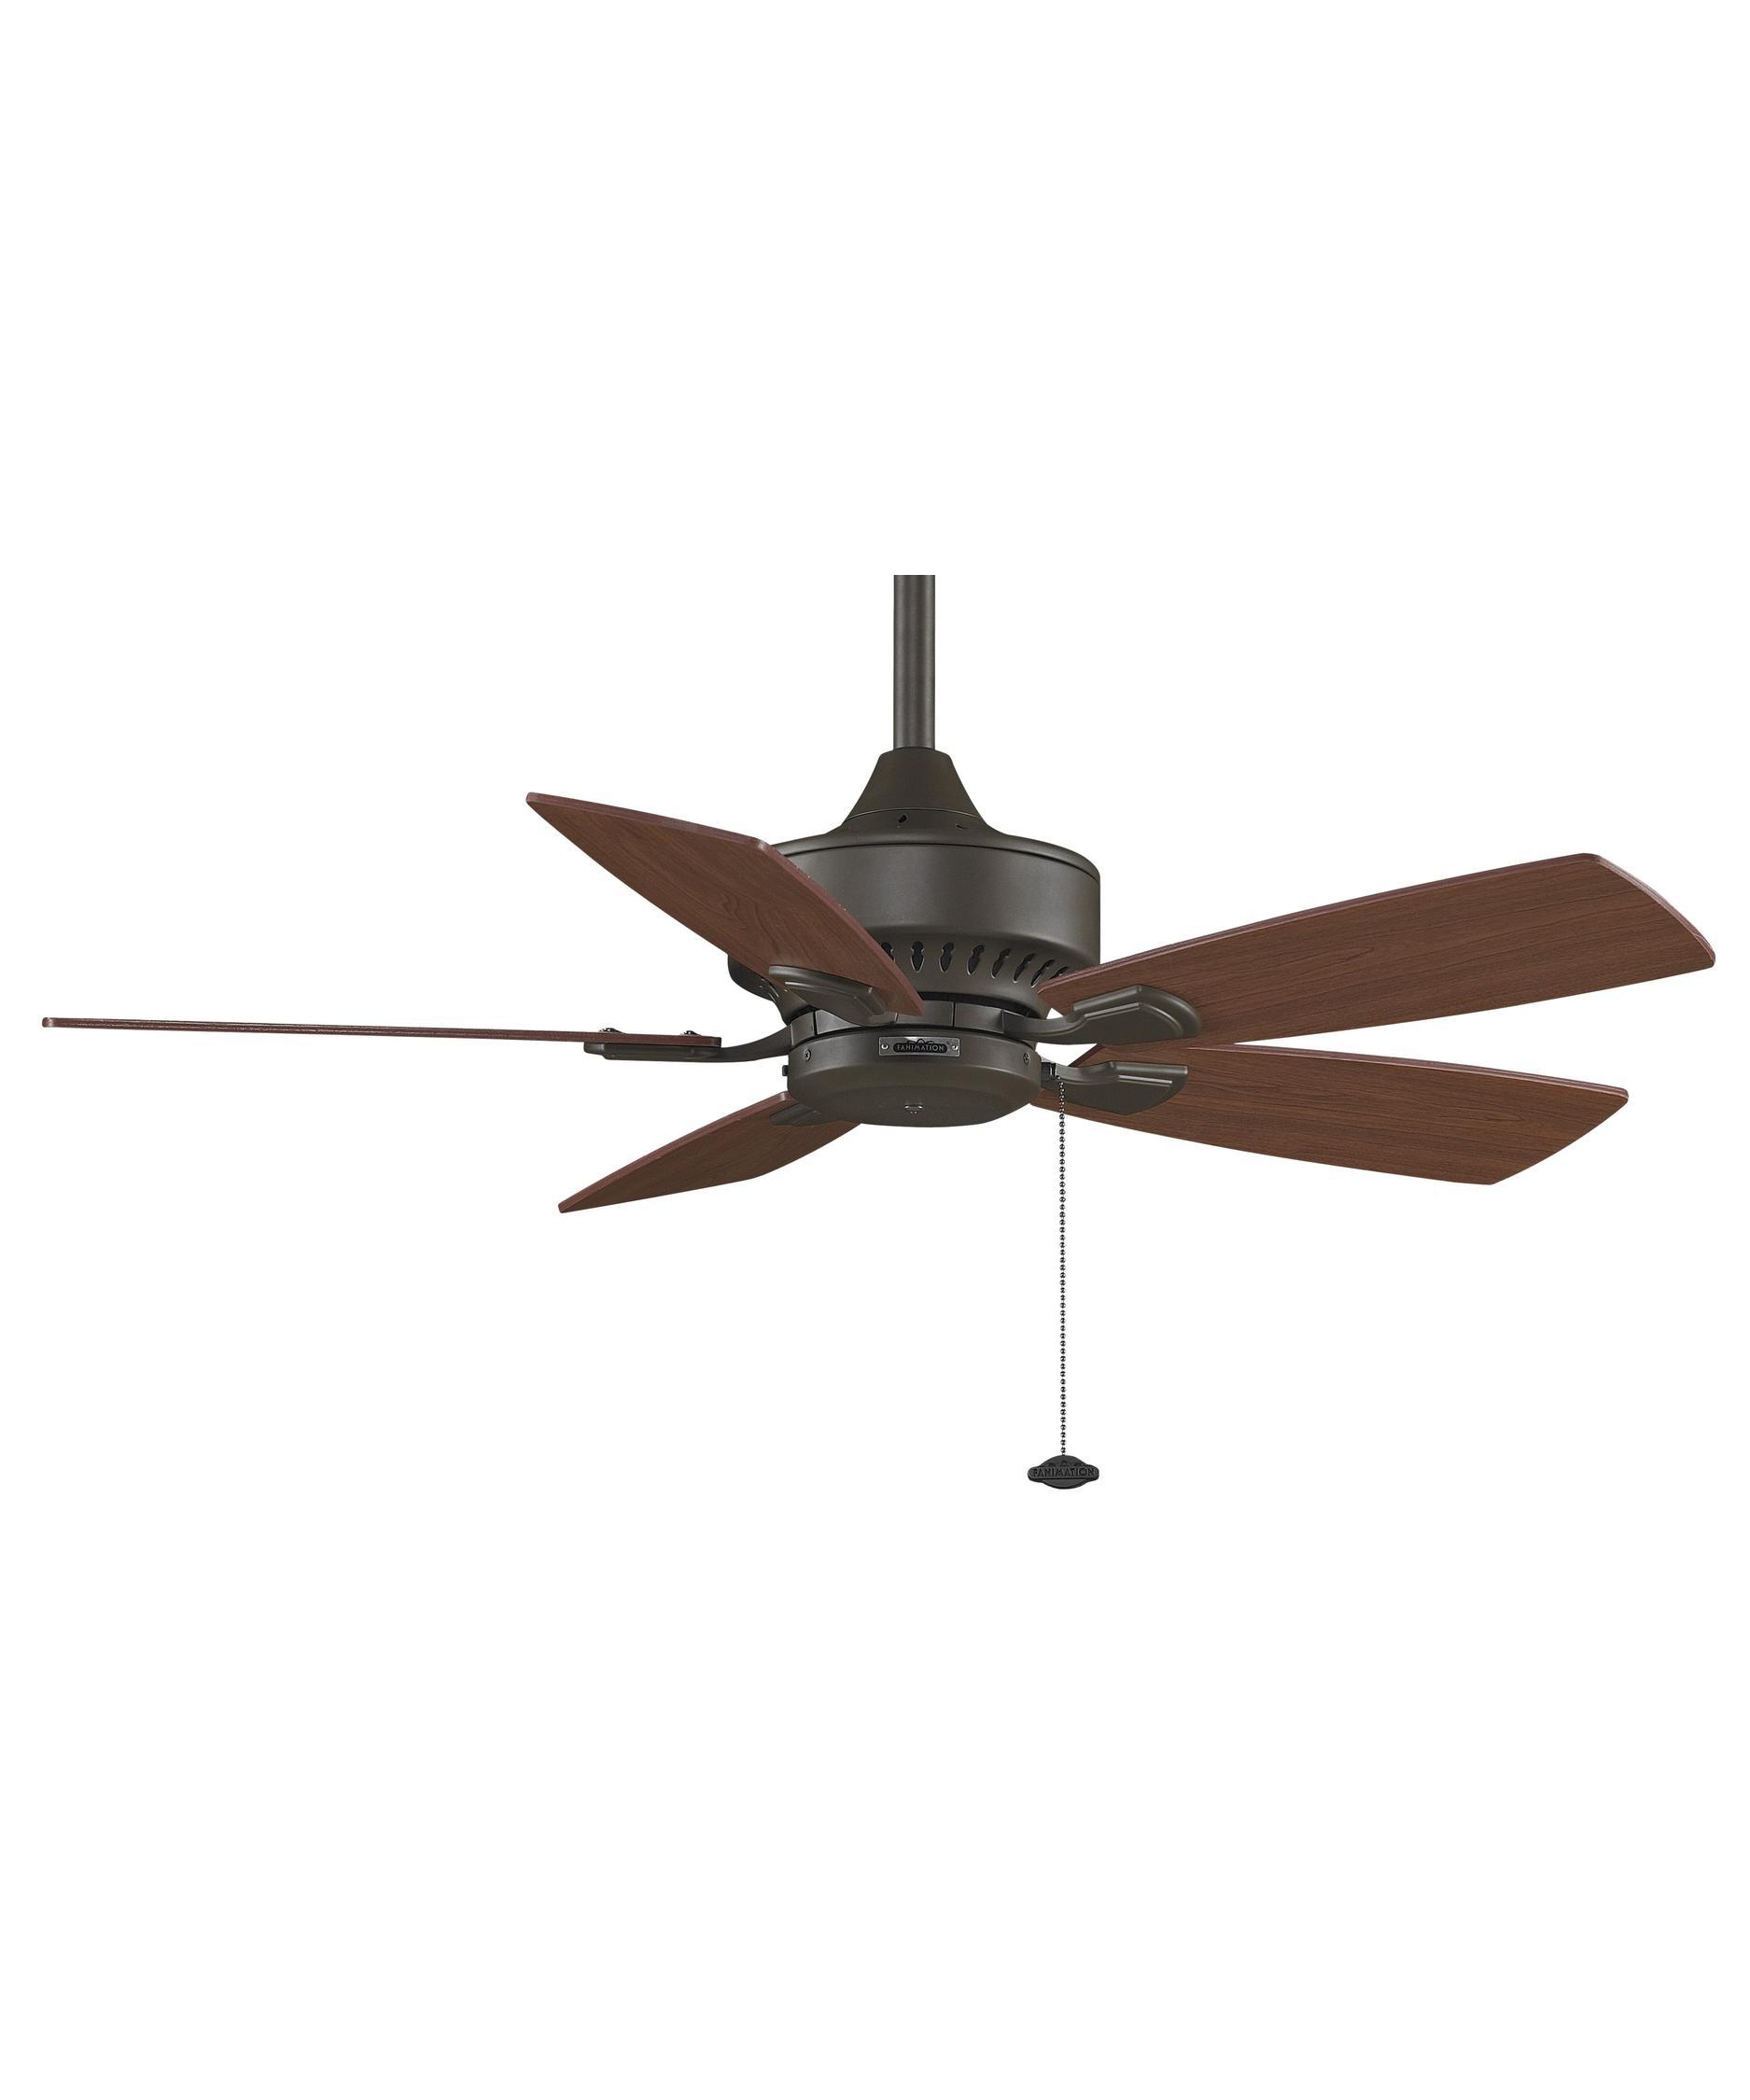 42 inch ceiling fan photo - 6